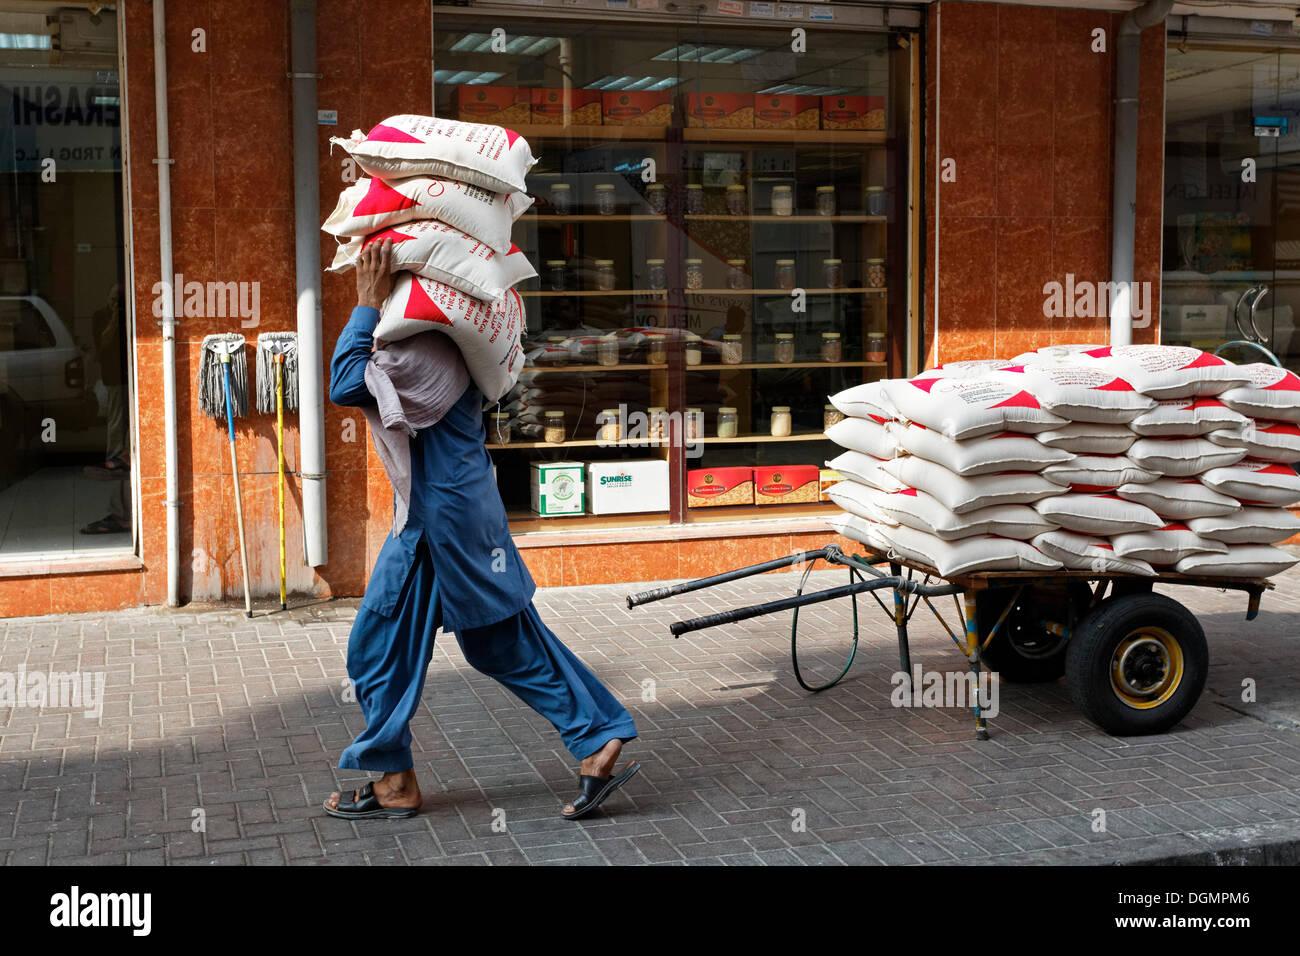 Arbeiter tragen Säcke mit Linsen auf seine Schulter, Deira, alte Souk, Dubai, Vereinigte Arabische Emirate, Naher Osten Stockbild